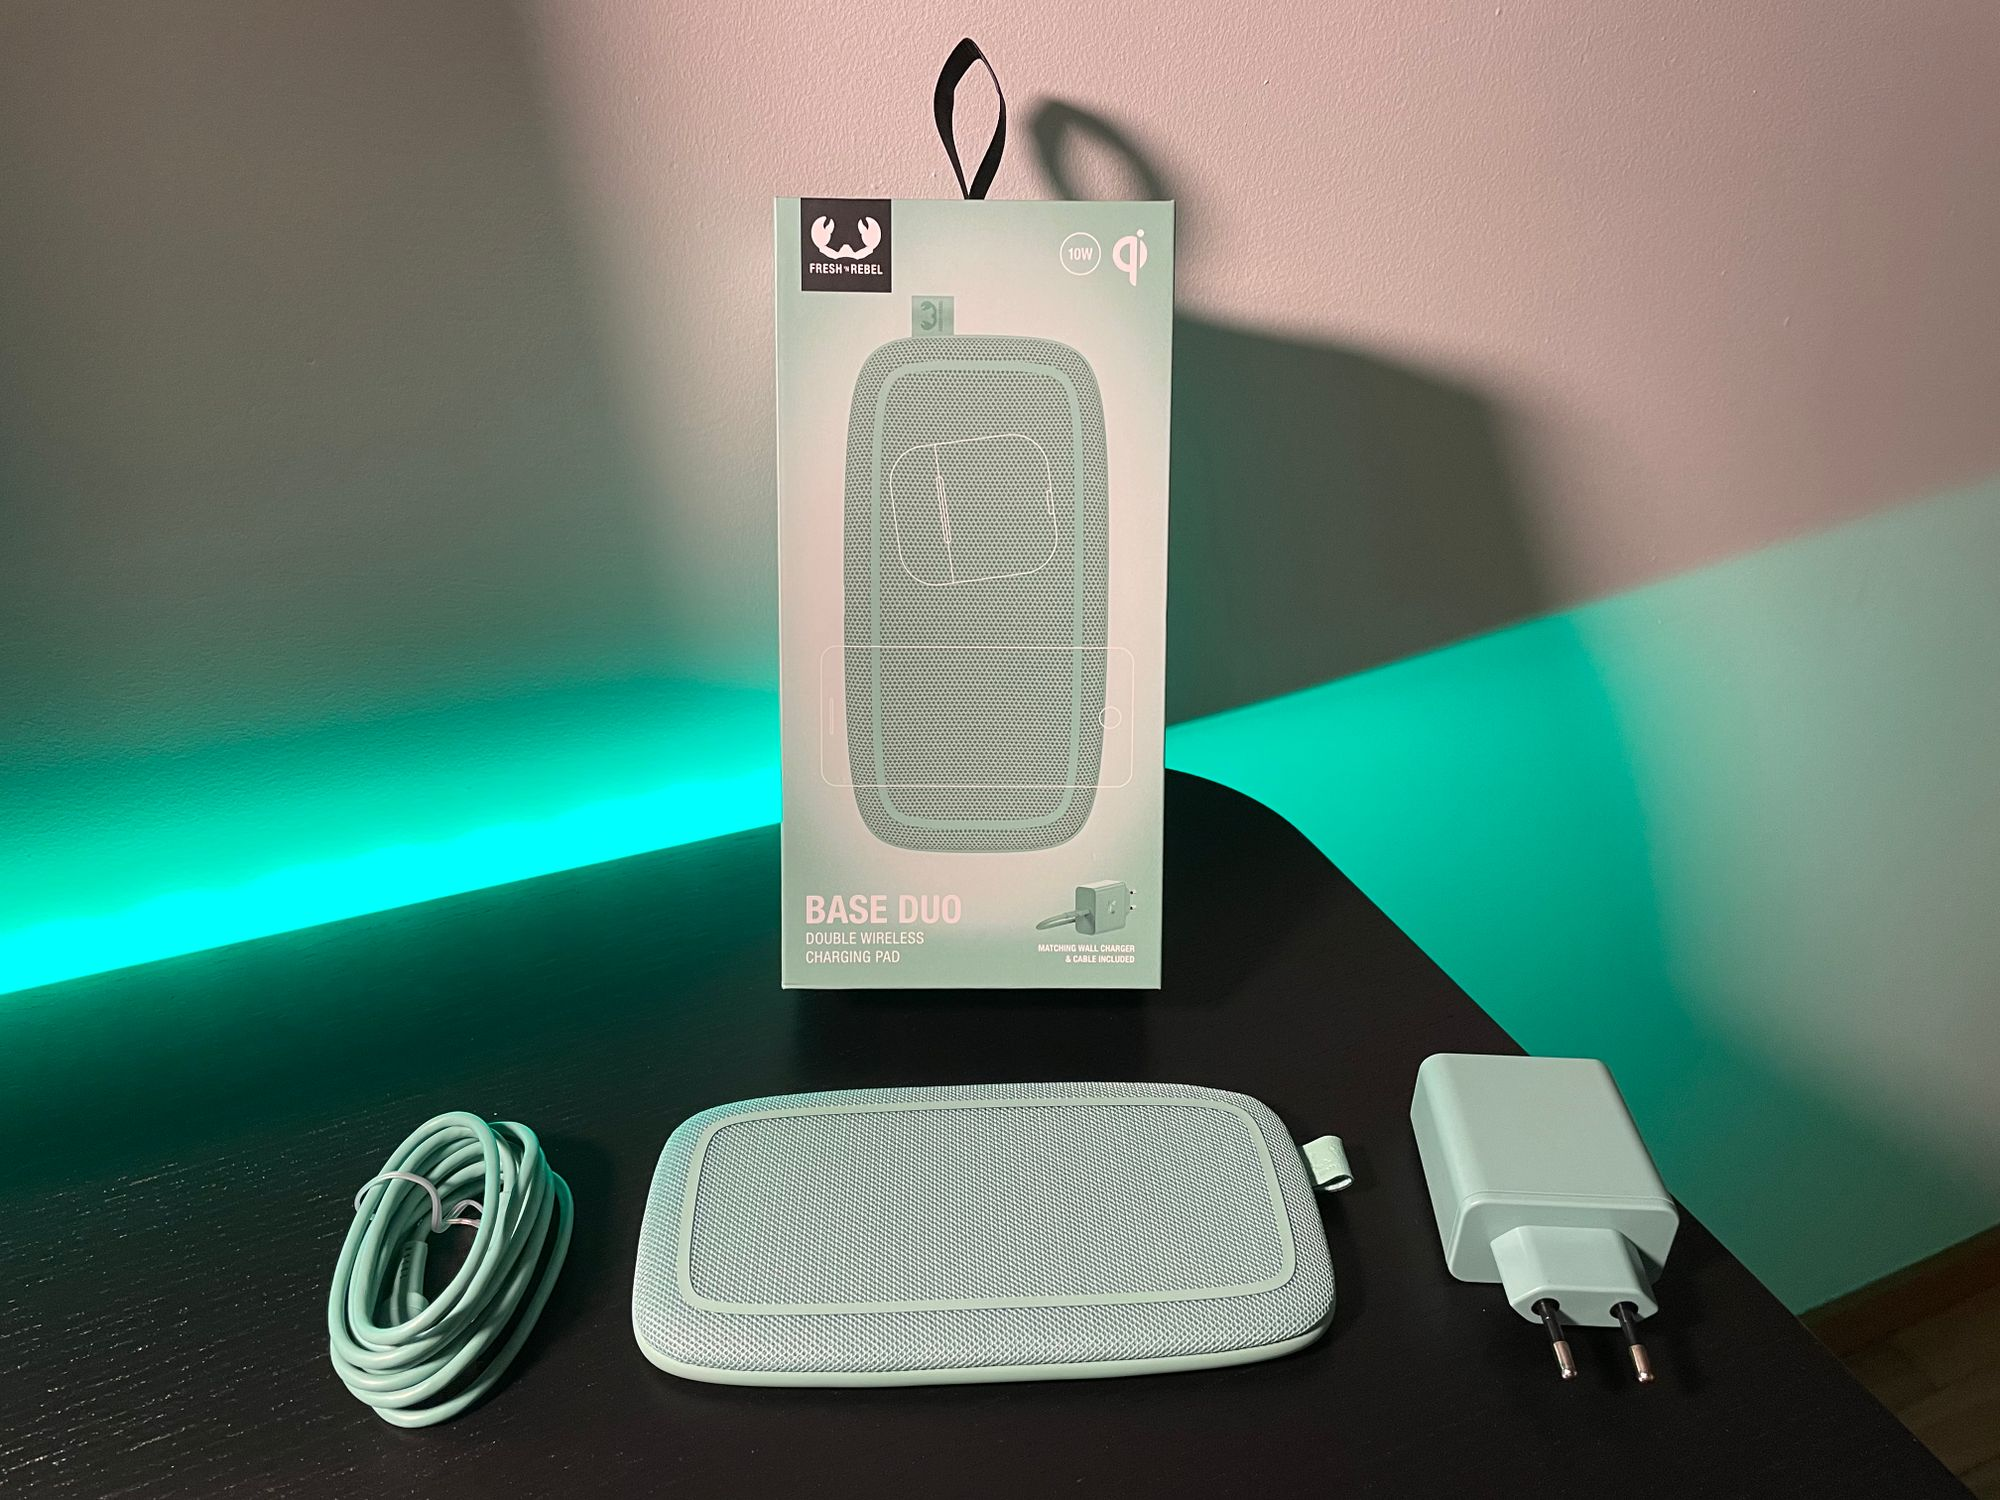 Cabo e adaptador USB-C 30W incluídos na caixa da Base Duo